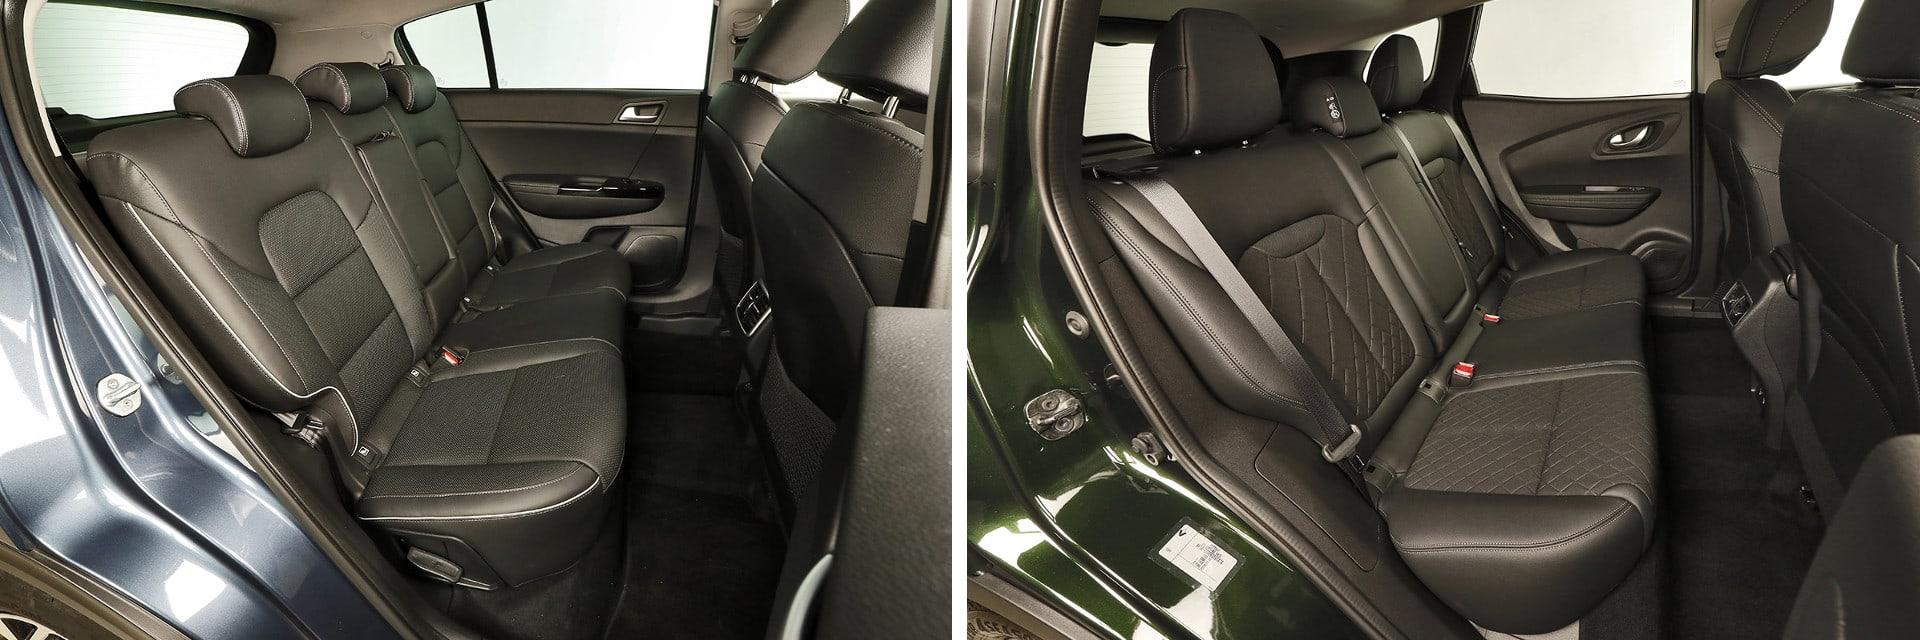 En los asientos traseros del Kia (izq.) puede reclinarse el respaldo. / km77